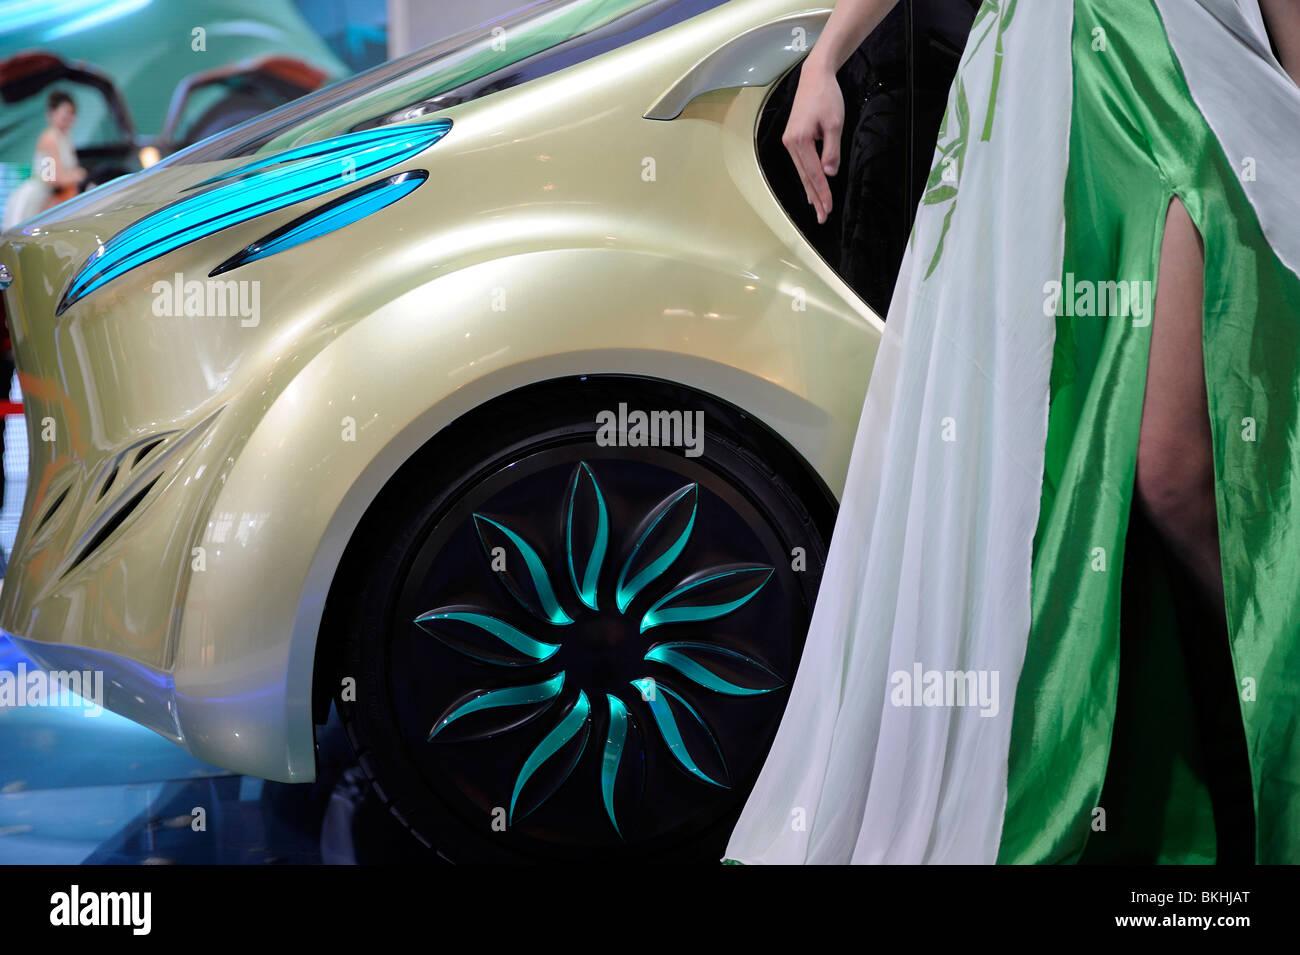 Ein Modell posiert neben einem IAT 'Zu' elektrische Konzeptauto, entworfen von IAT (China)-Automobil-Technologie Stockbild